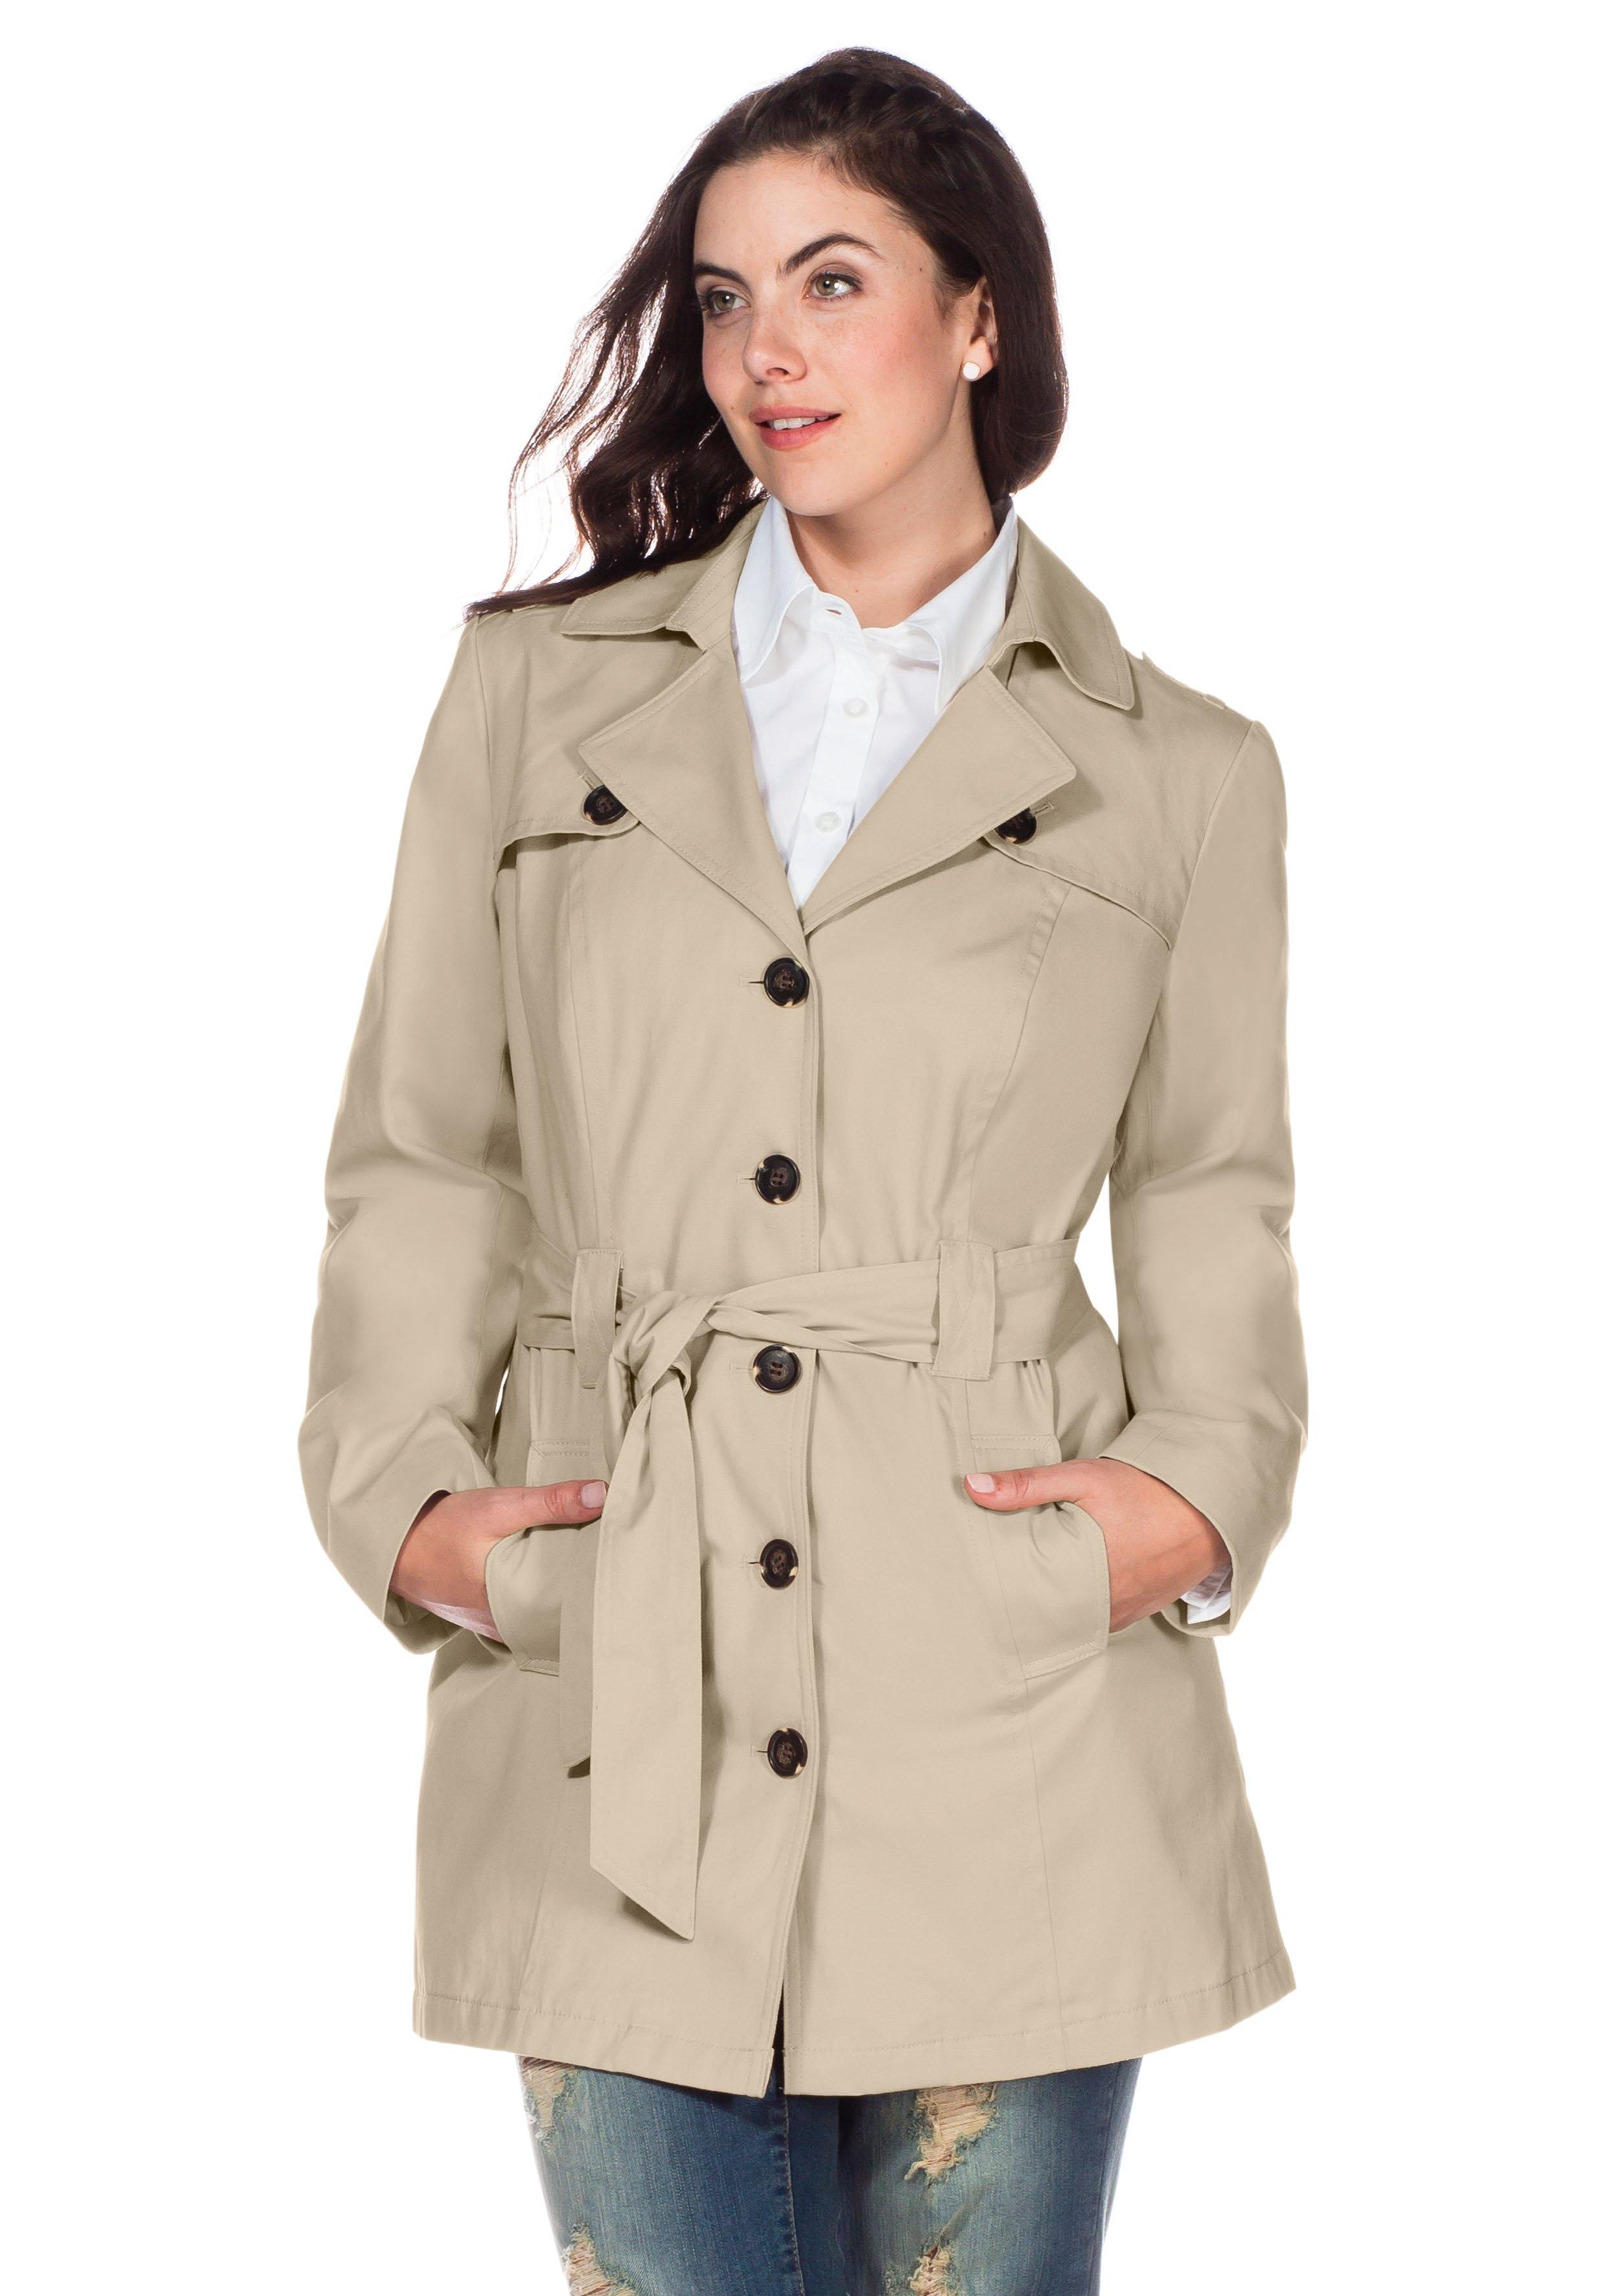 Op zoek naar een Sheego Casual sheego Casual trenchcoat in kort model? Koop online bij OTTO